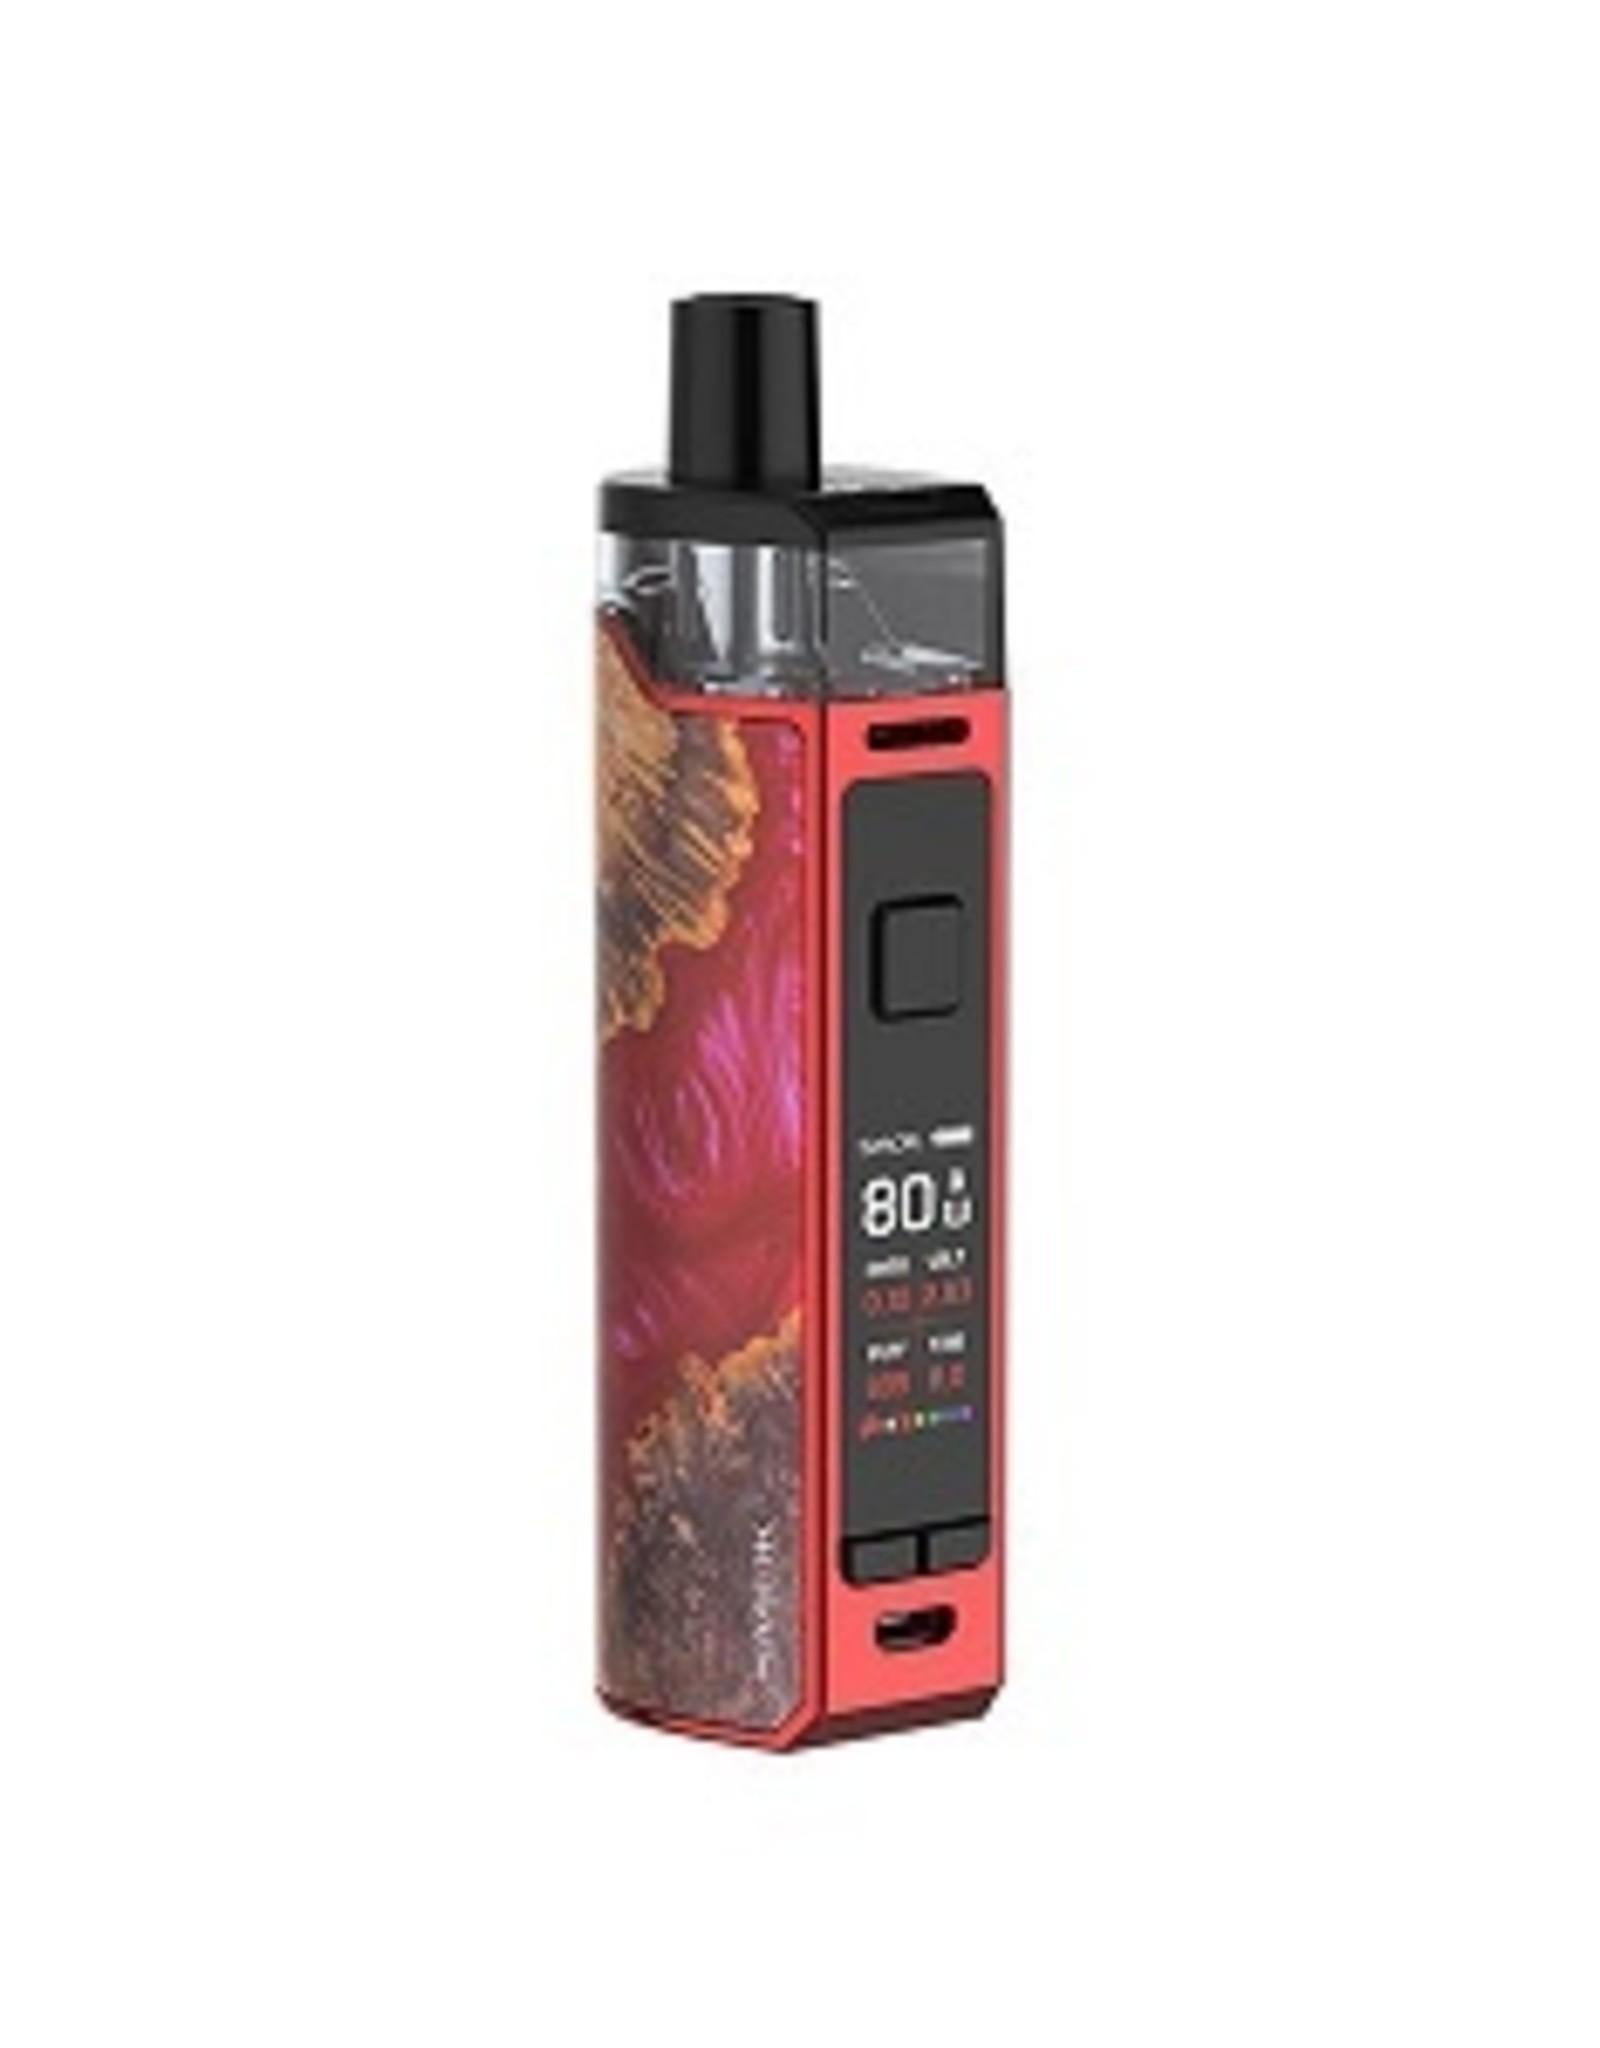 Smok RPM 80 Pro Kit By Smok